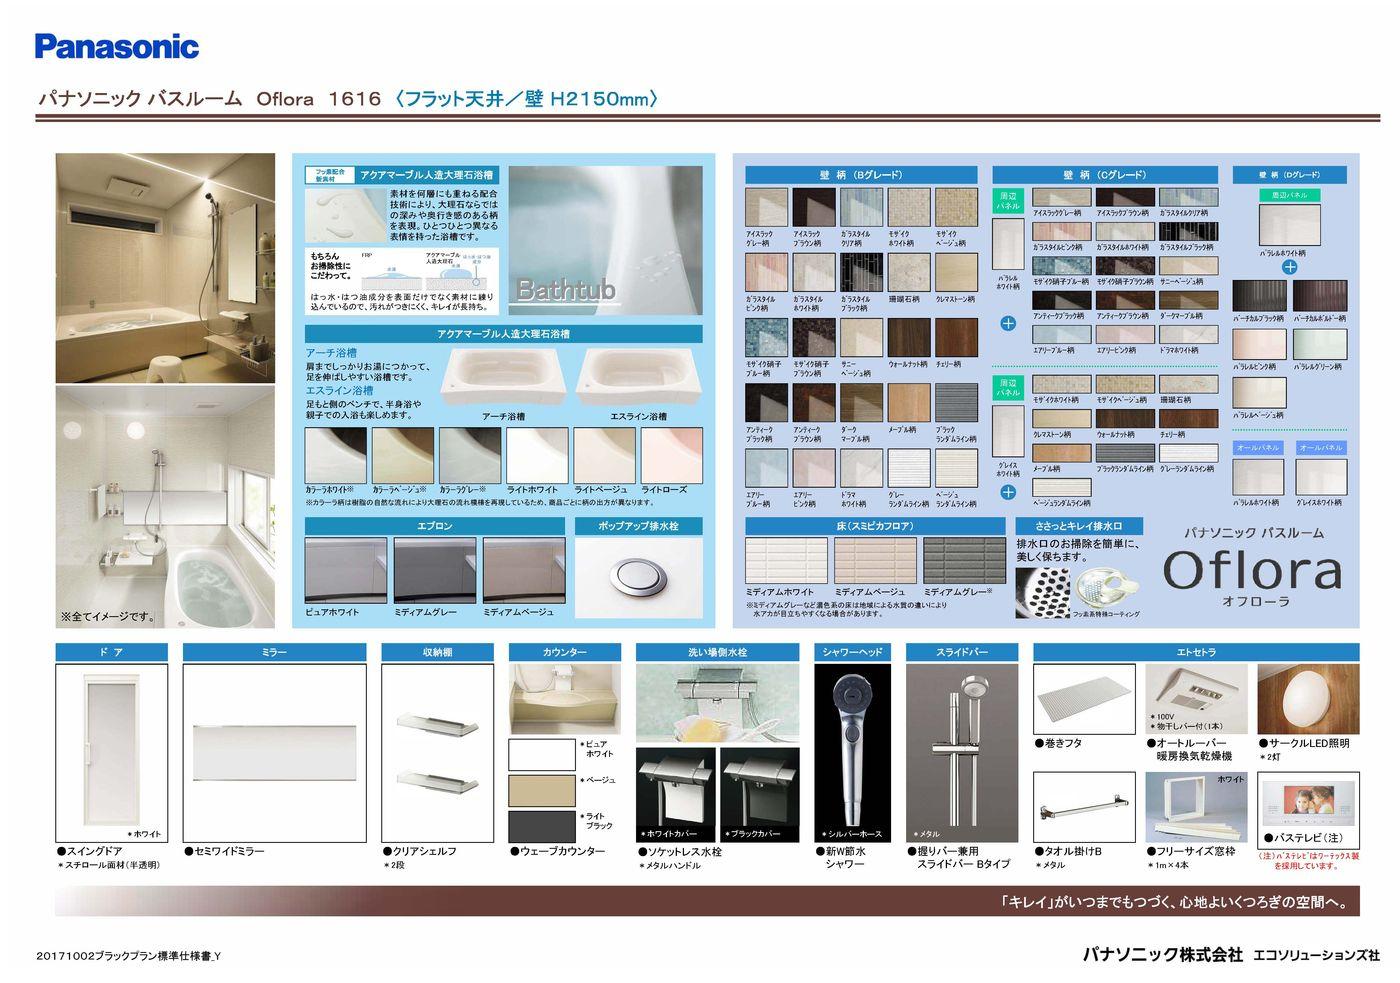 パナソニックバスルーム オフローラ1616(フラット天井/壁 H2150mm)